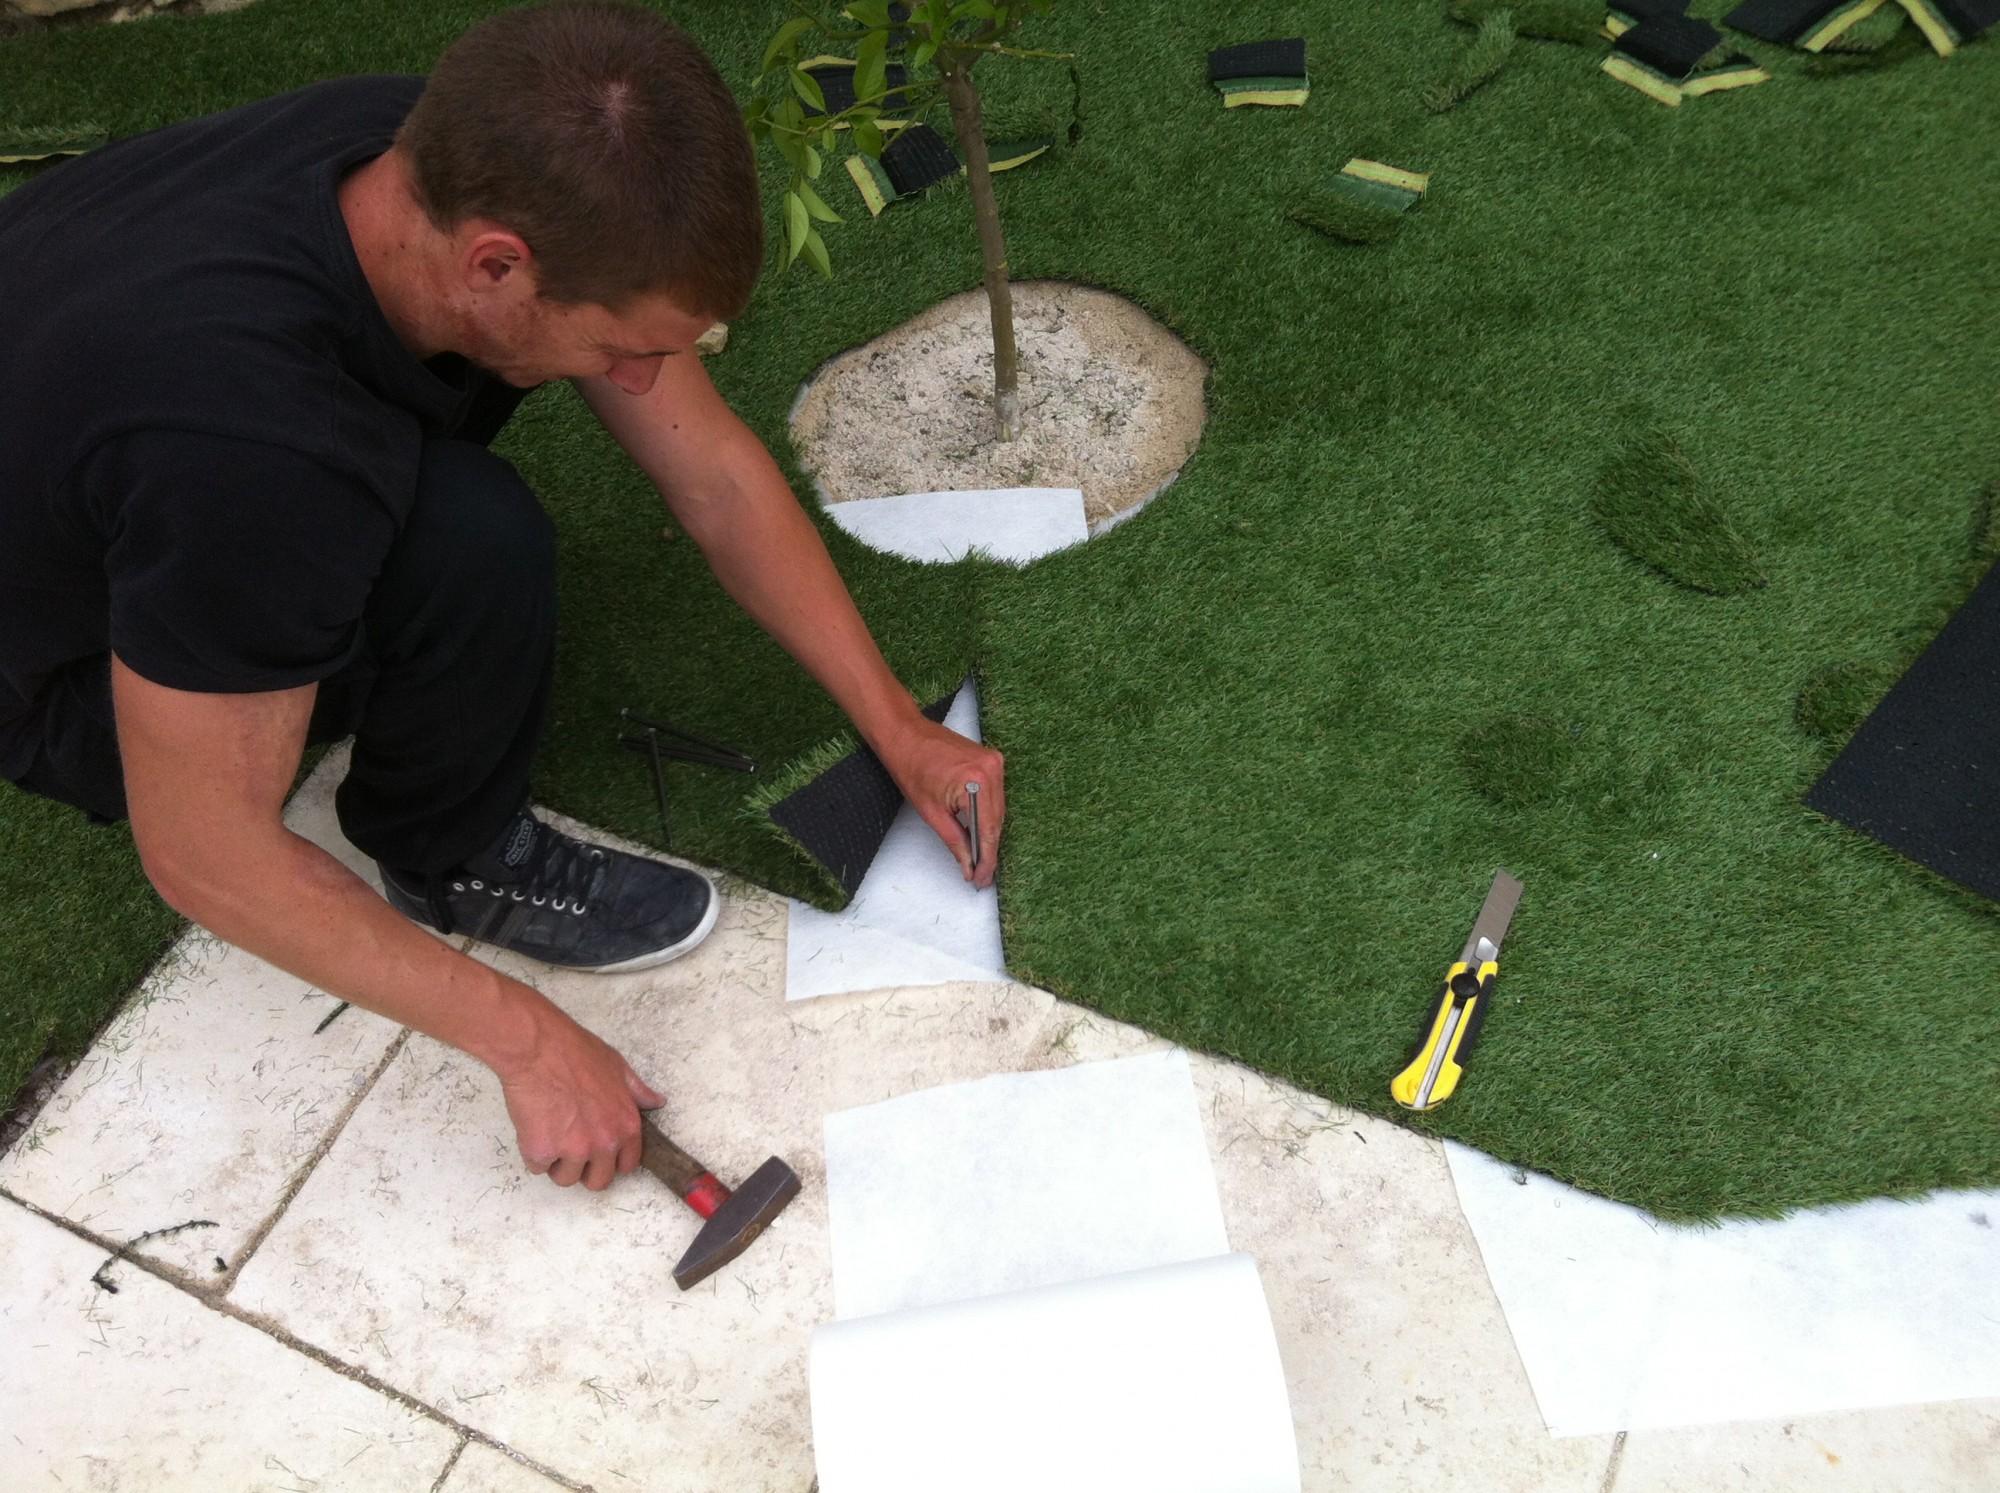 Cloutage de la périphérie lors de l'installation d'une pelouse synthétique à Marseille